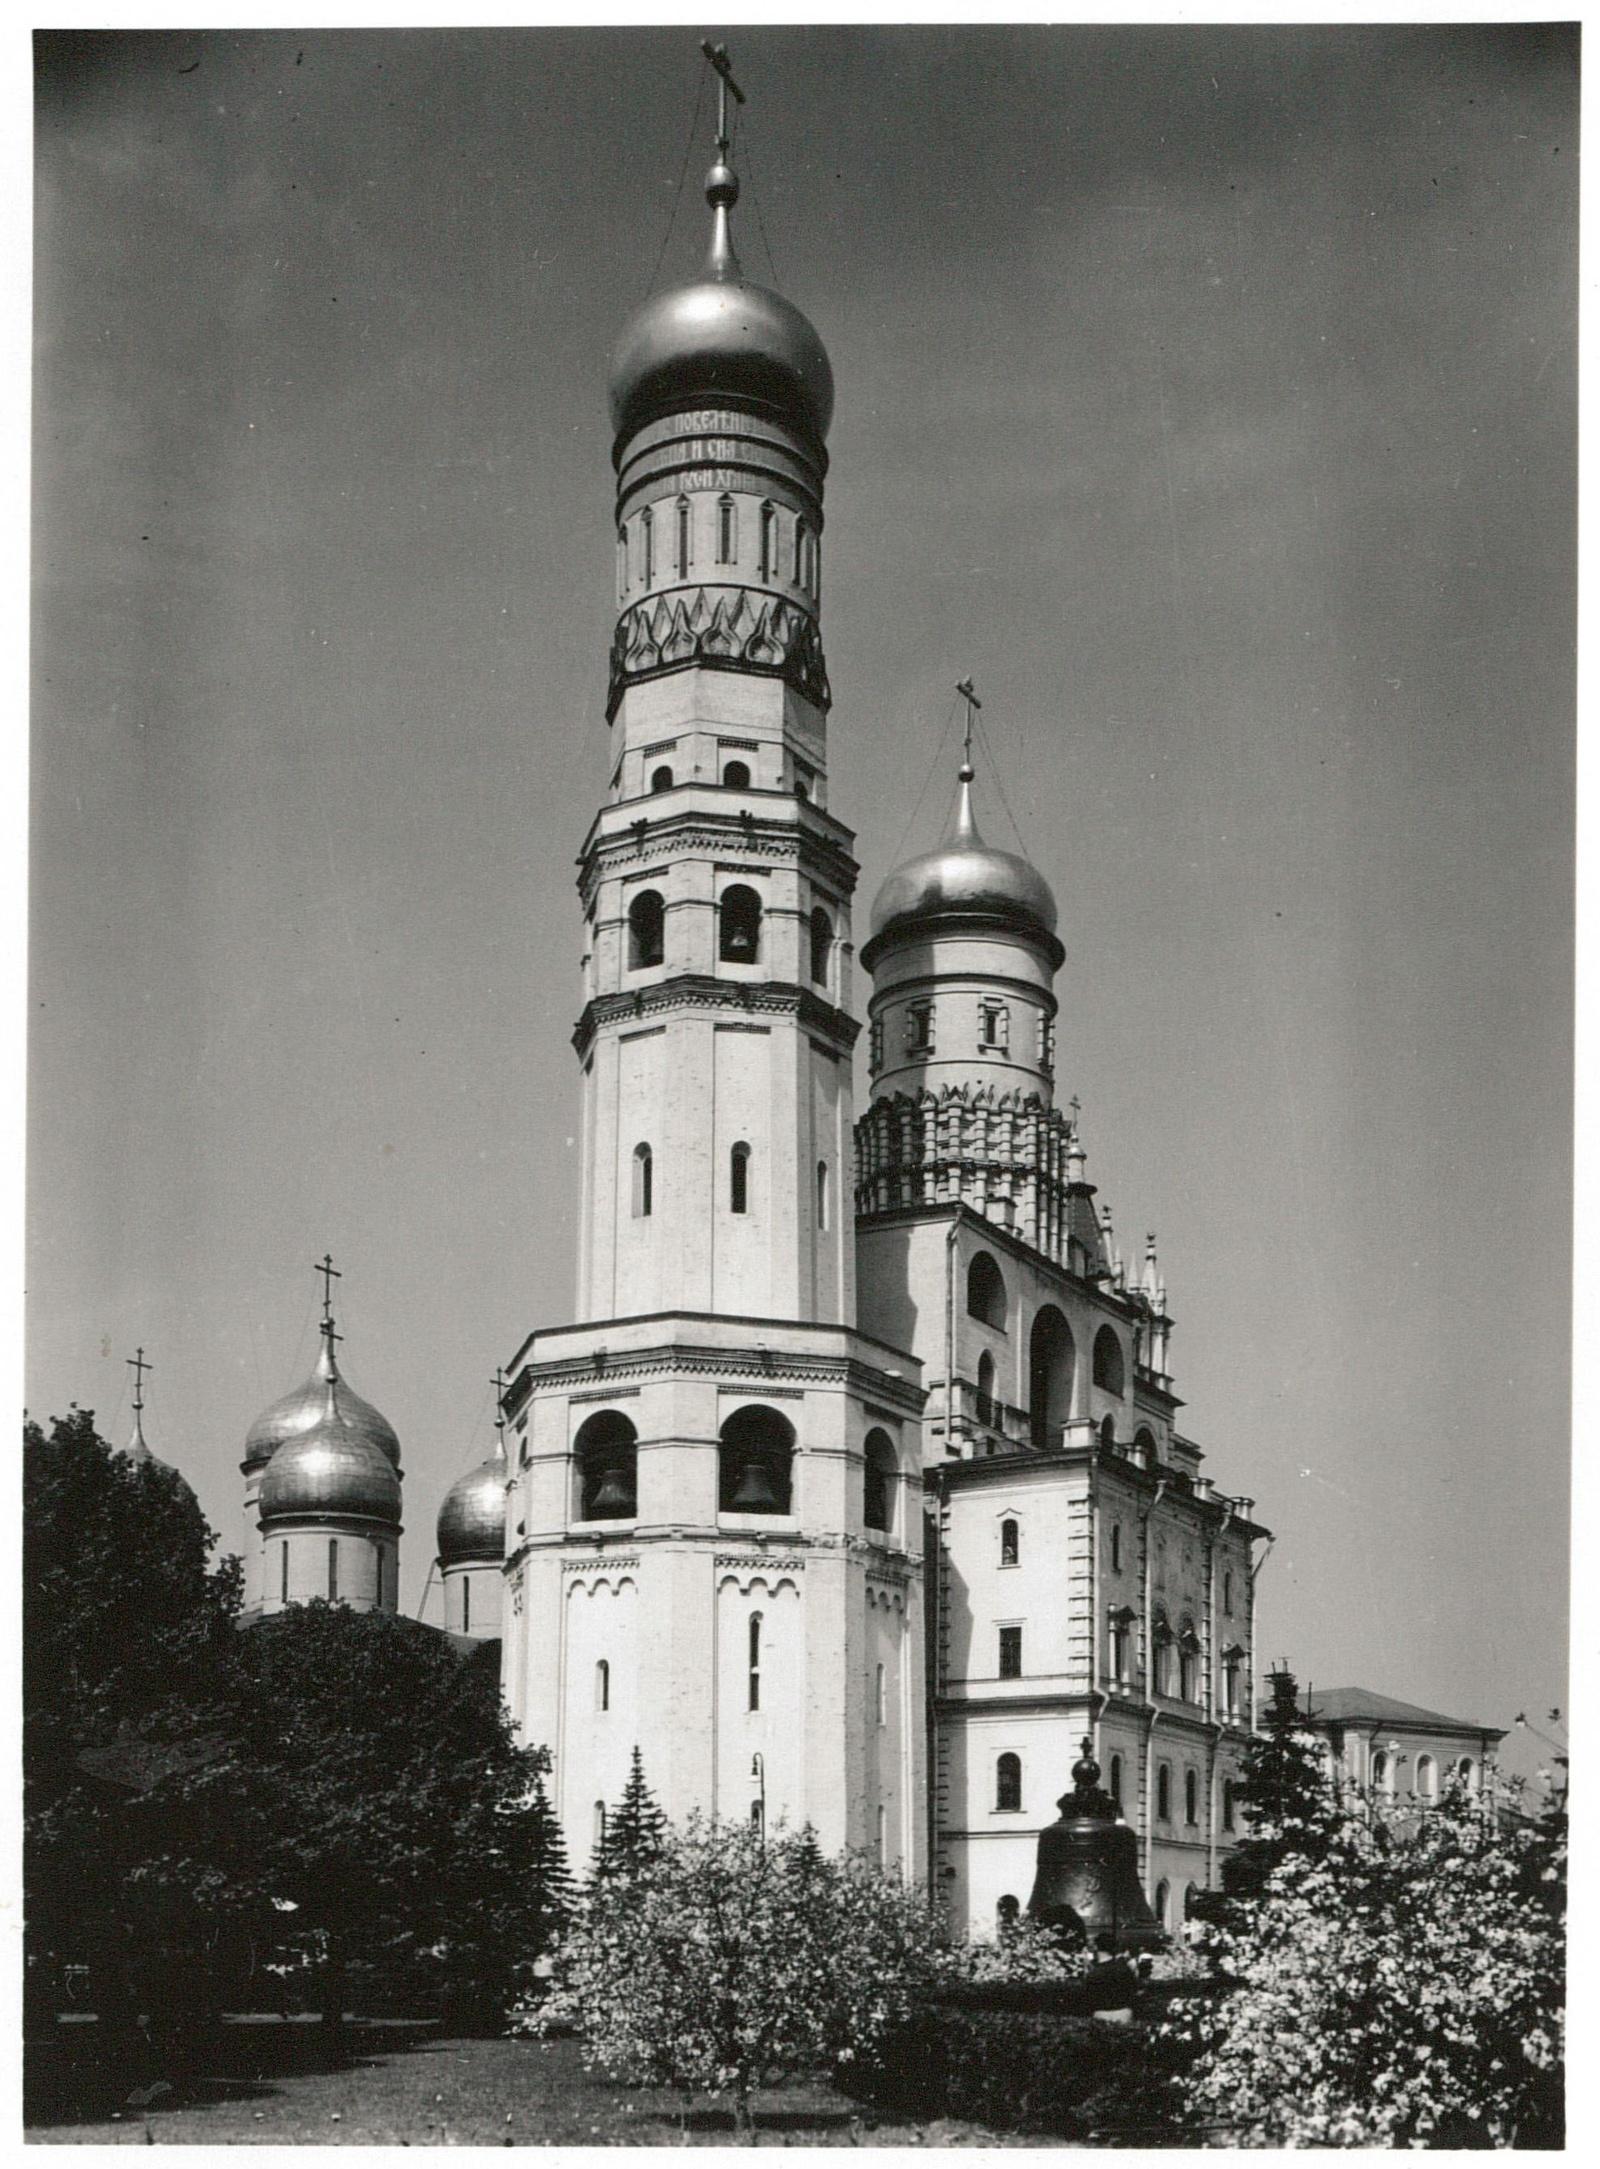 Церковь и колокольня Ивана Великого. Царь-колокол